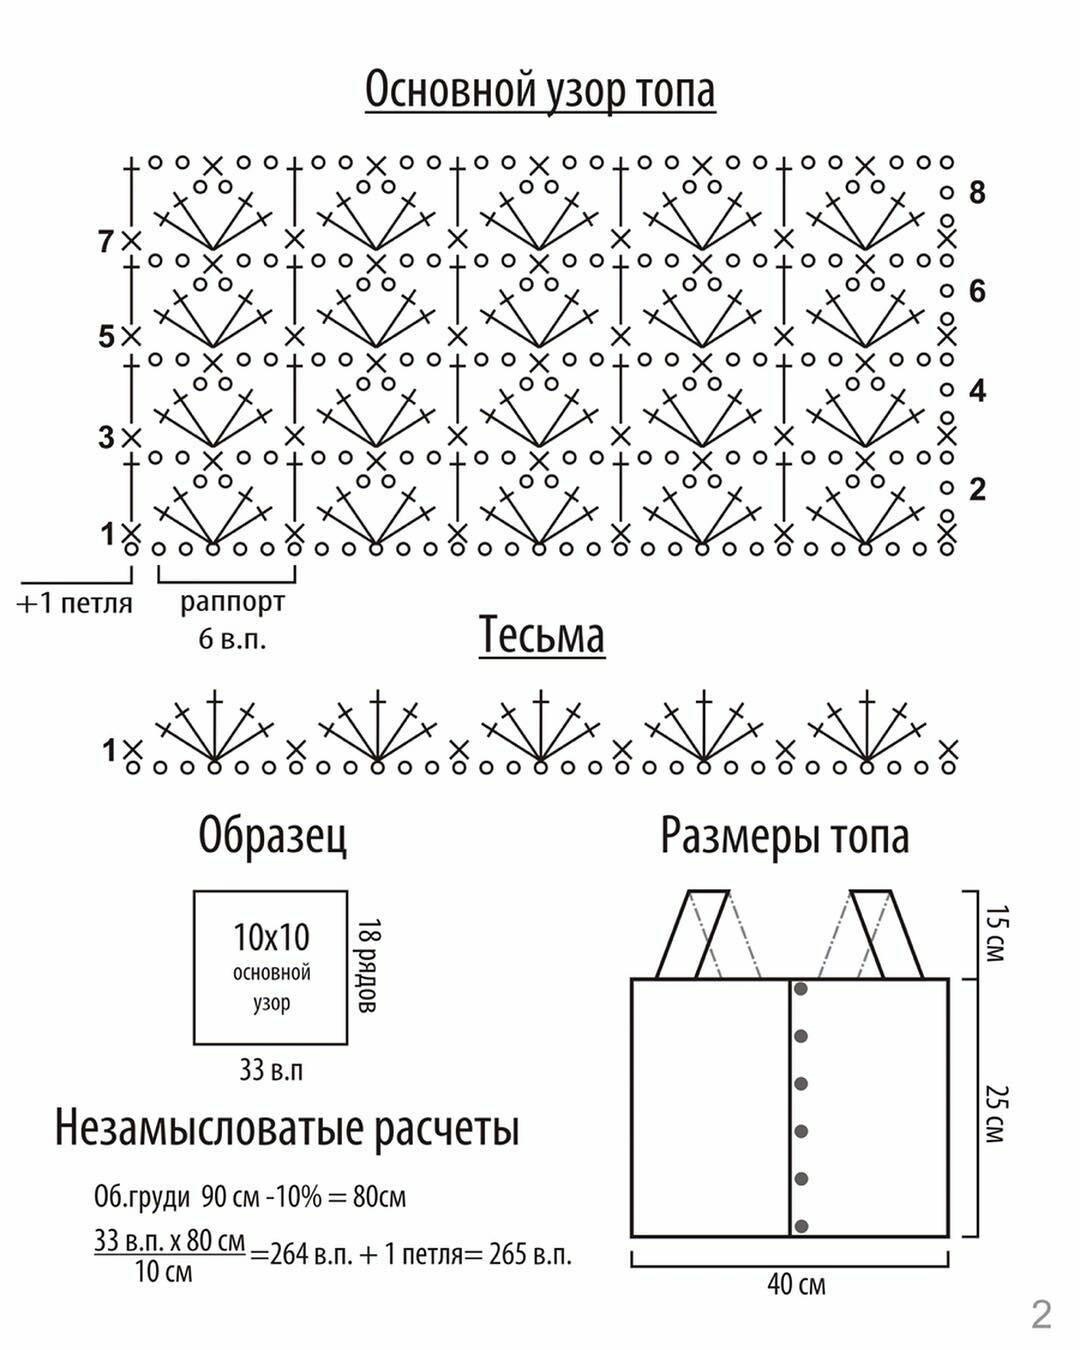 Canottierina ssensuale a uncinetto con apertura sul davanti (1)